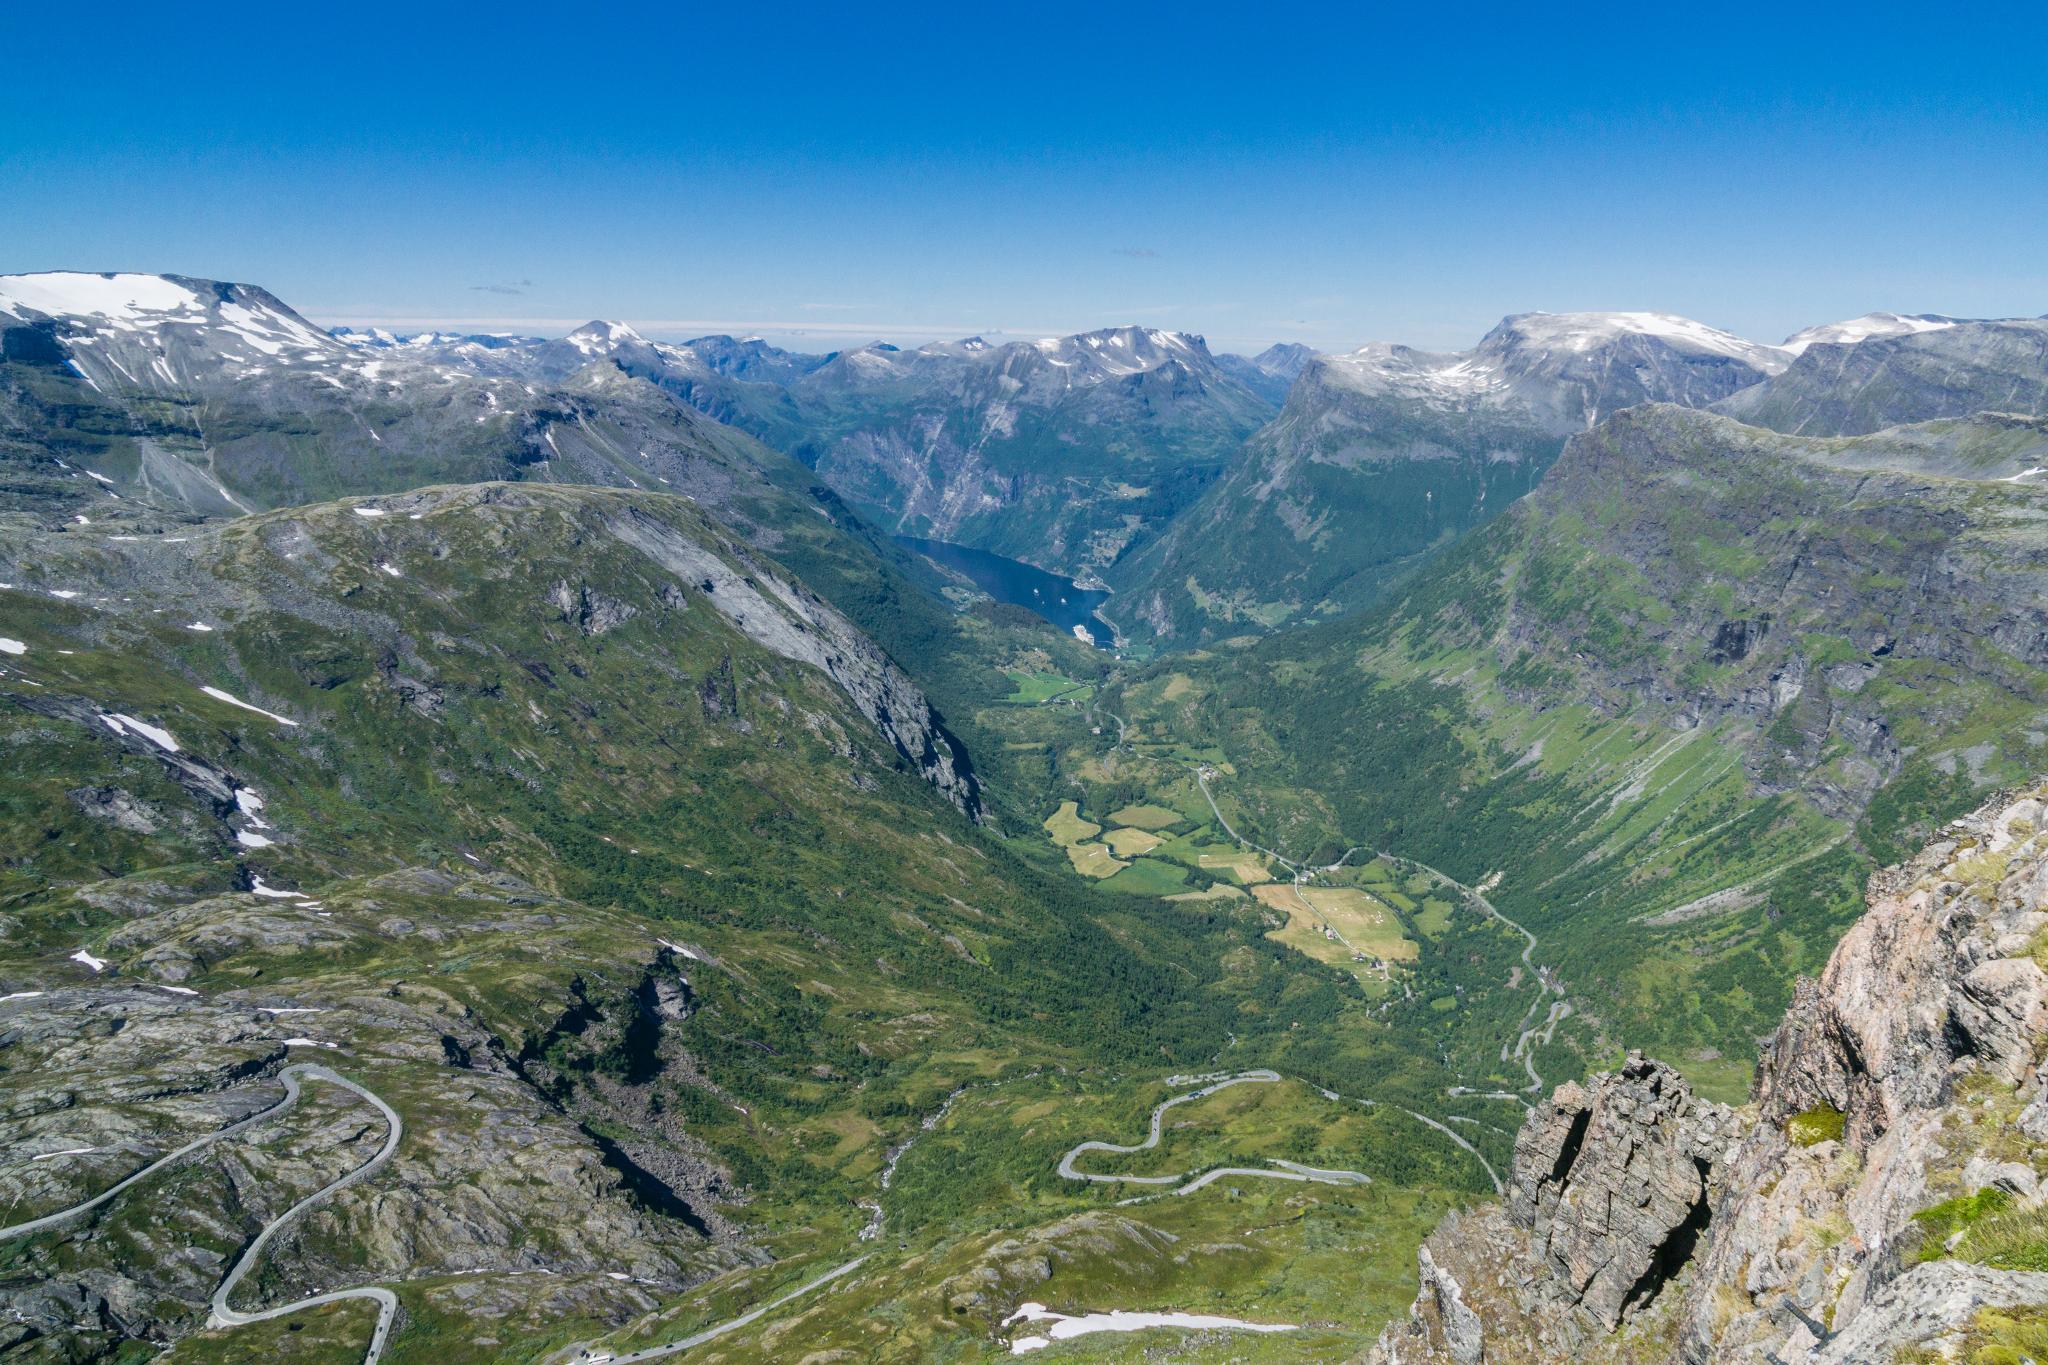 【北歐景點】歐洲最震撼的峽灣觀景台 — Dalsnibba Mountain Plateau 21